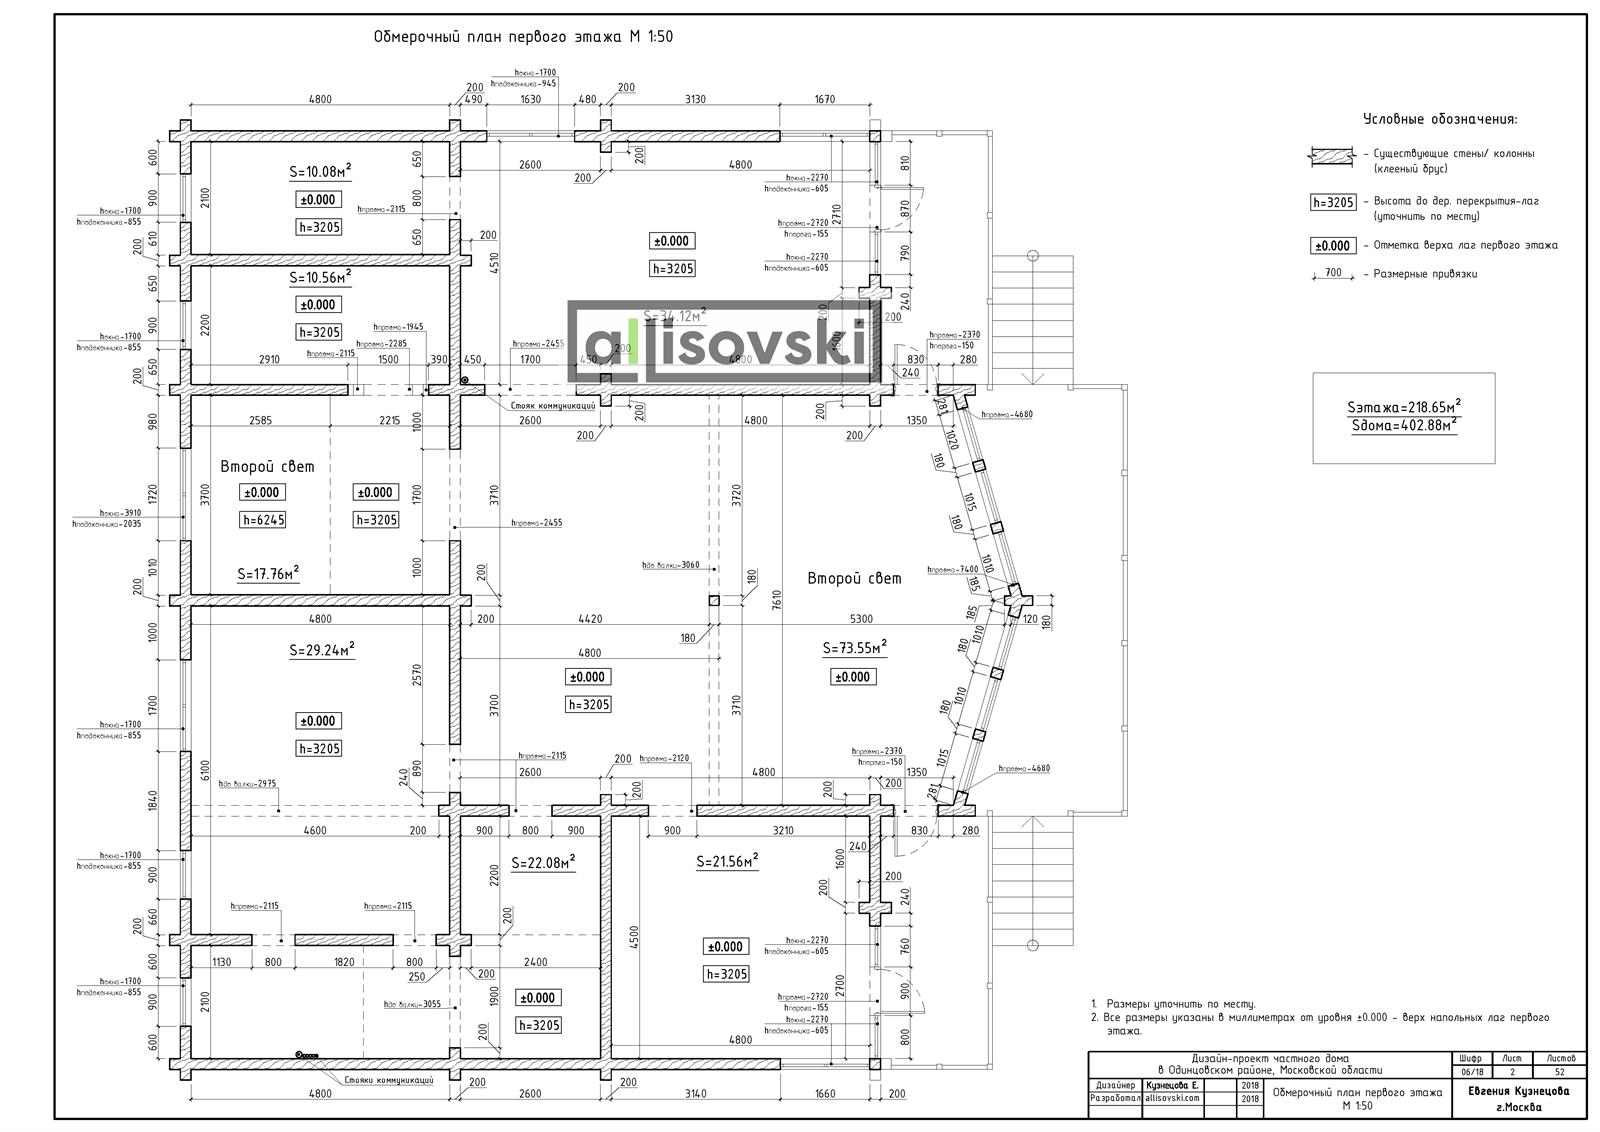 Обмерочный план дома первый этаж